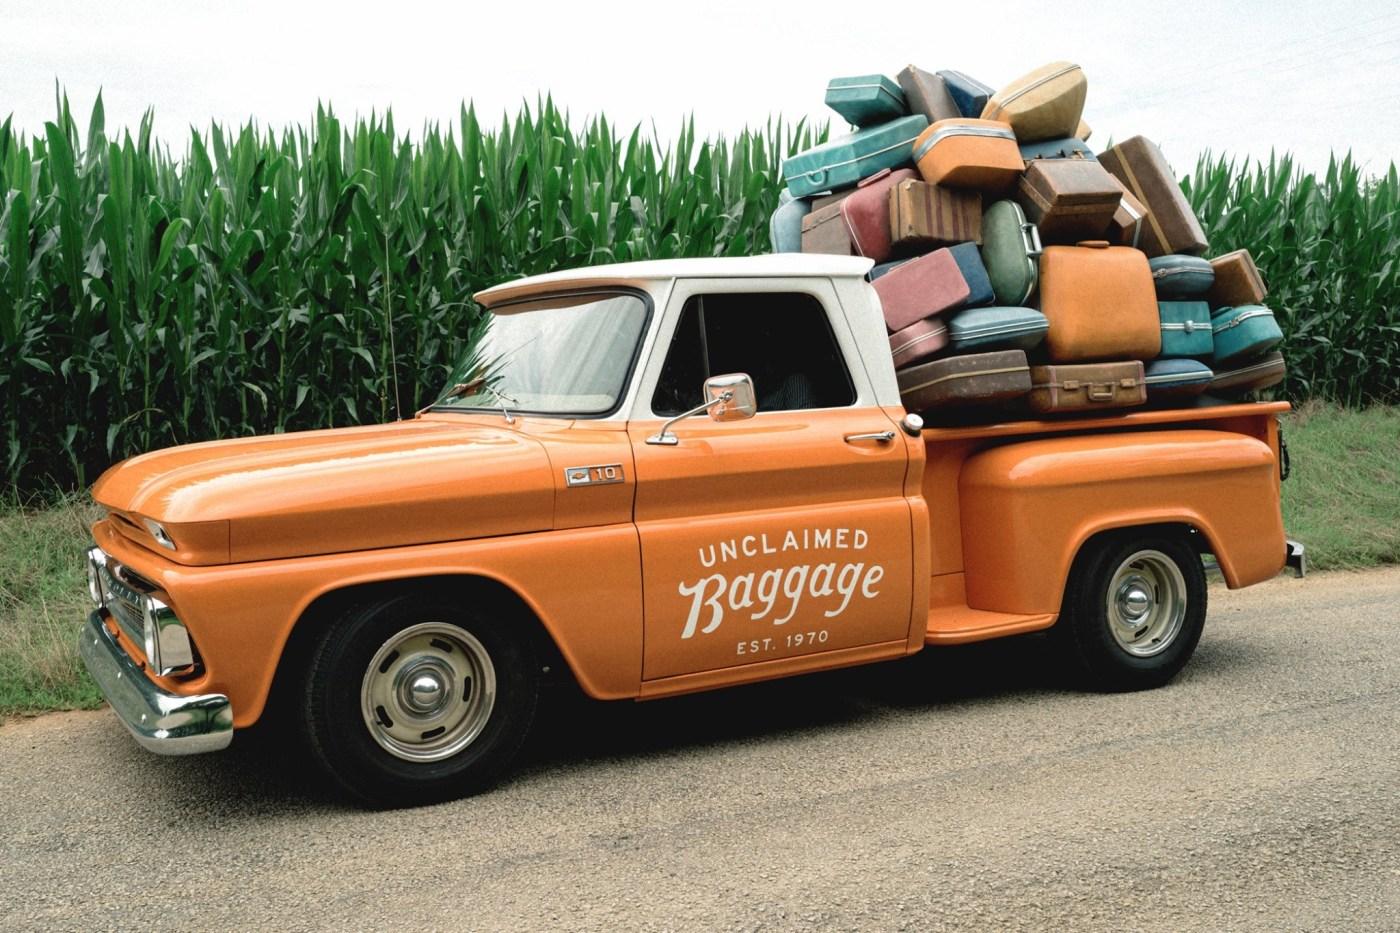 Birmingham, Scottsboro, Alabama, Unclaimed Baggage